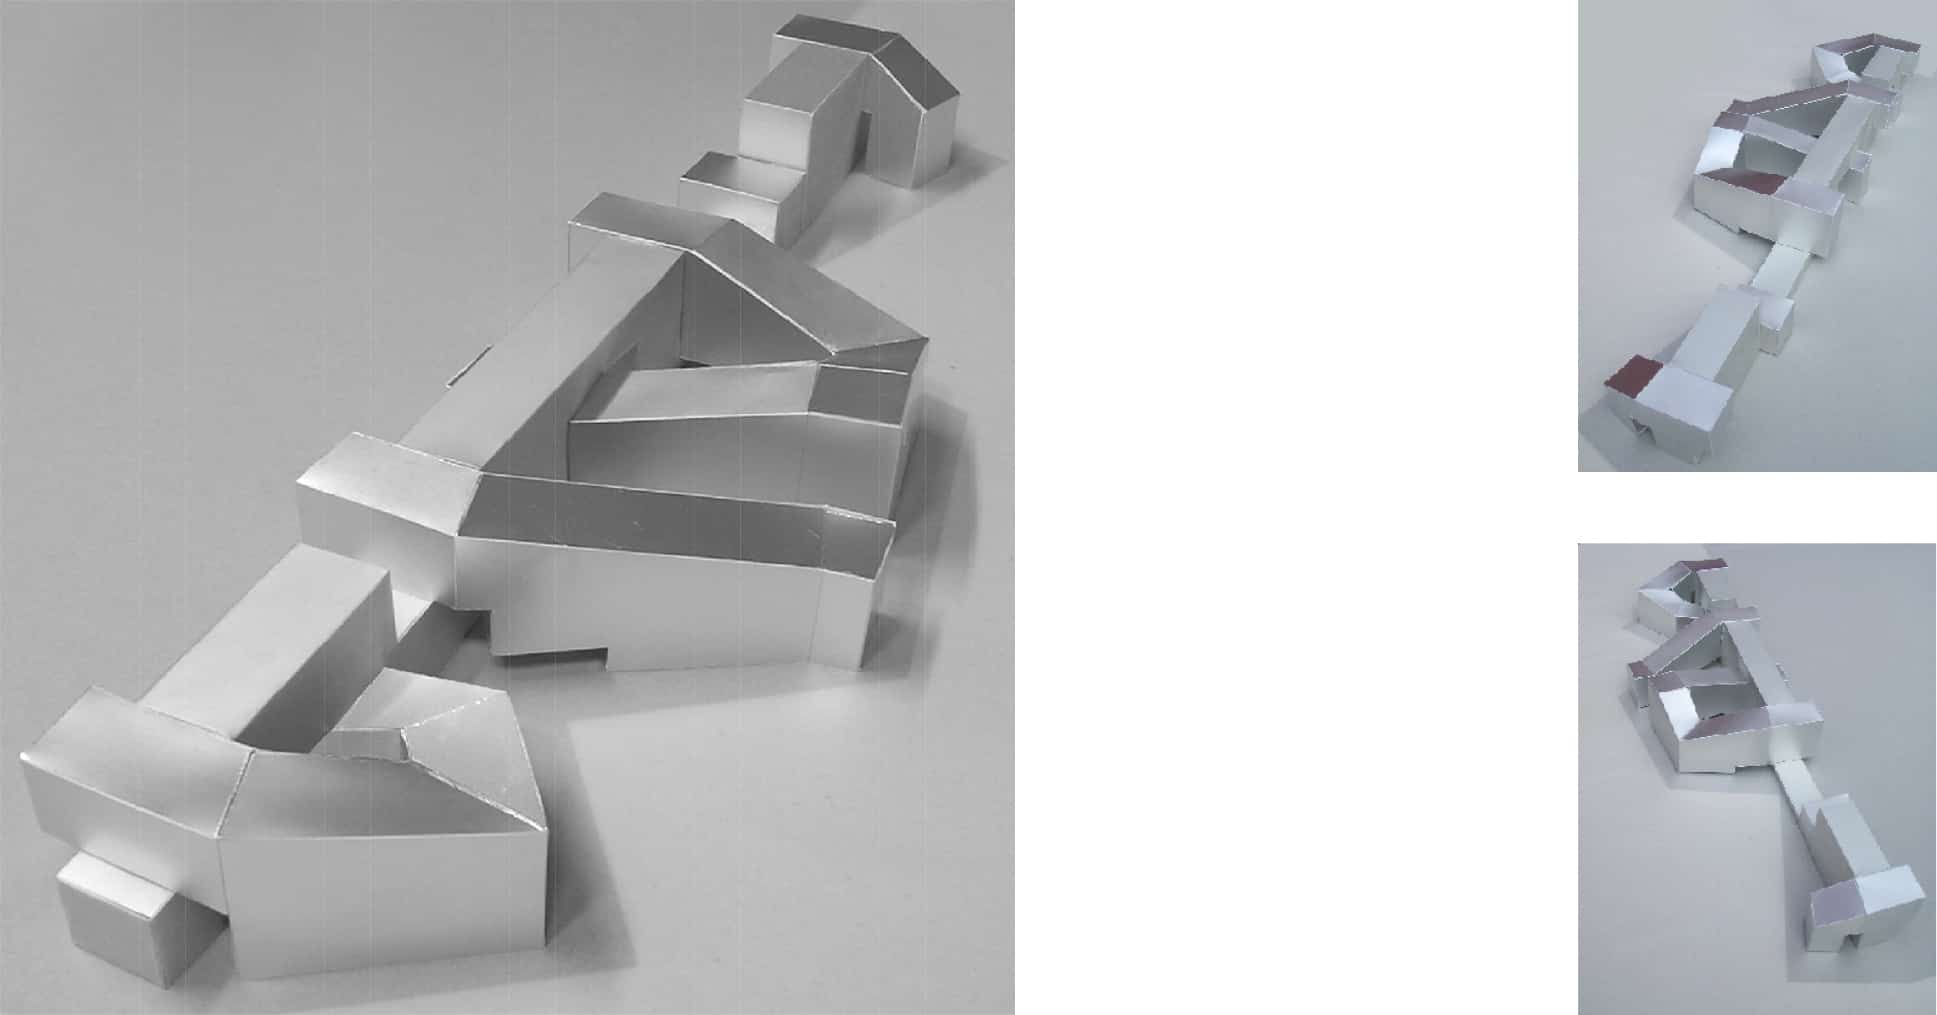 Maqueta concurso PARLA - LANDÍNEZ+REY | equipo L2G arquitectos, slp [ eL2Gaa ] + Raúl del Valle